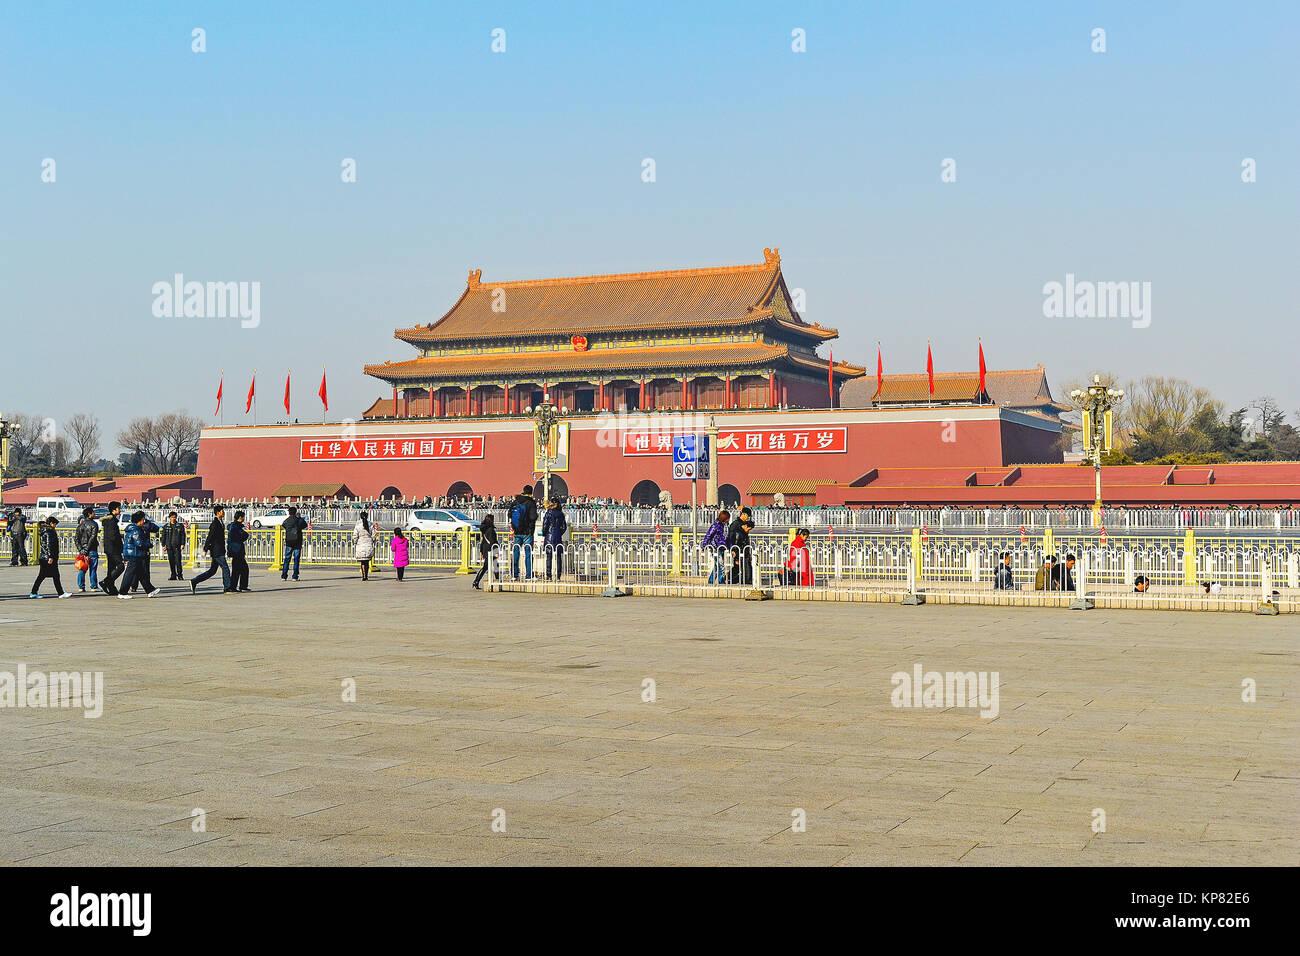 Torre de Tiananmen (Puerta de la Paz Celestial) en el extremo norte de la plaza de Tiananmen en Pekín, China. Foto de stock